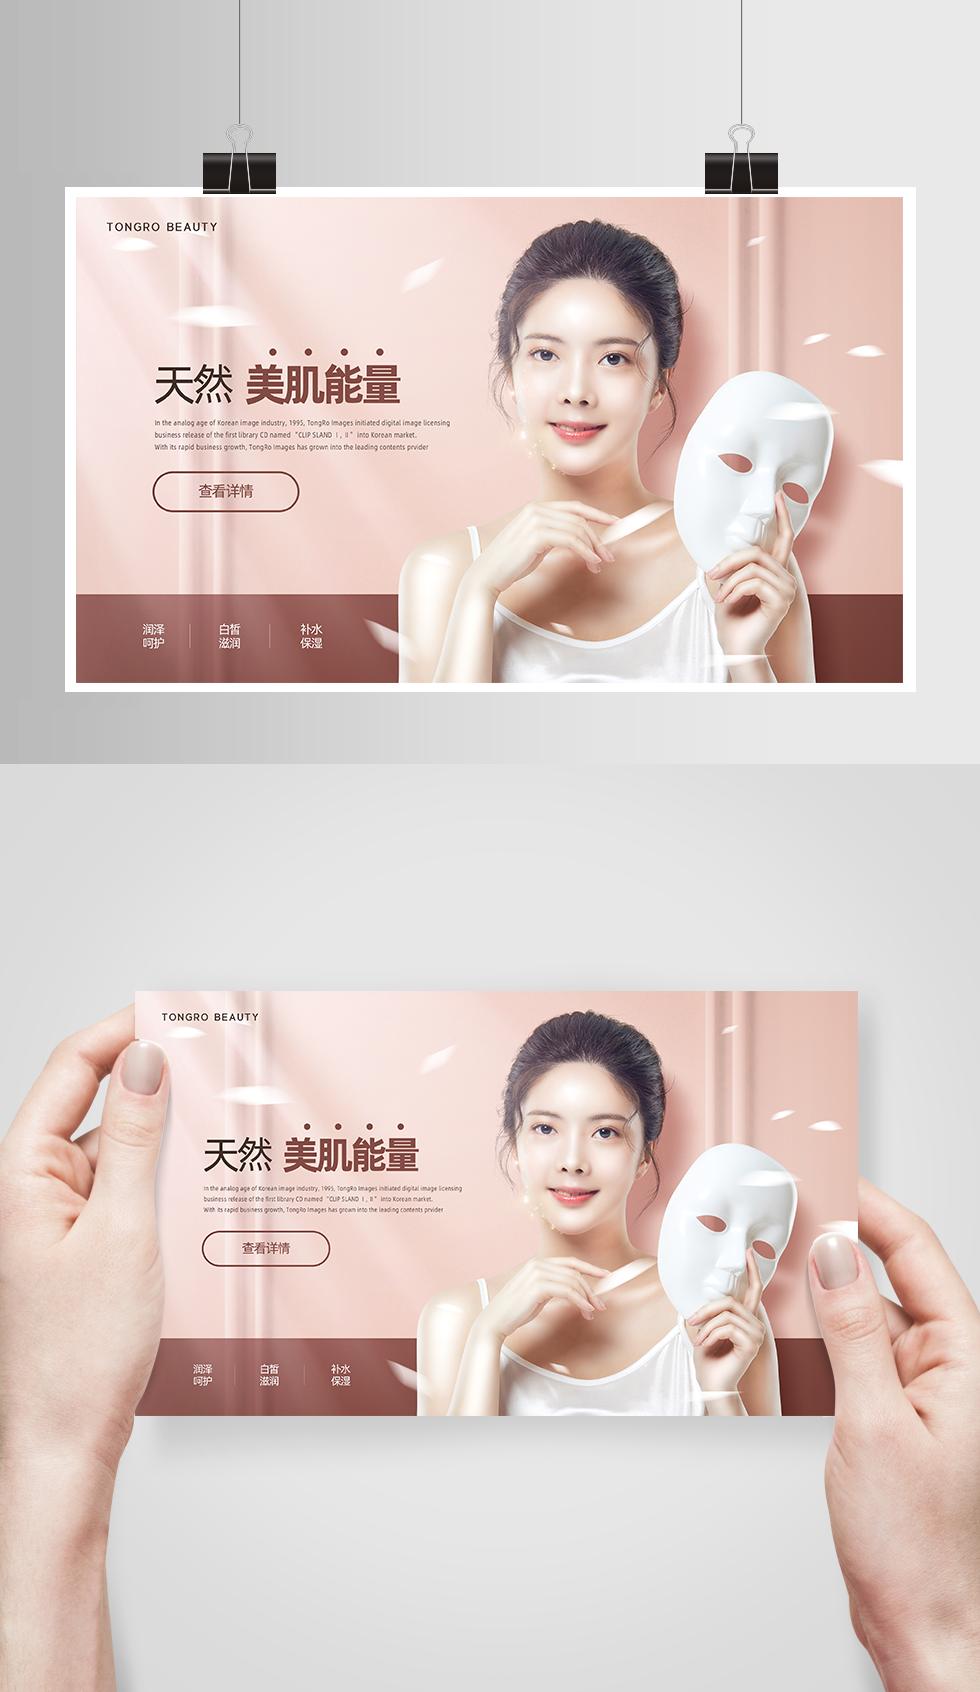 大气护肤品面膜创意合成促销海报素材